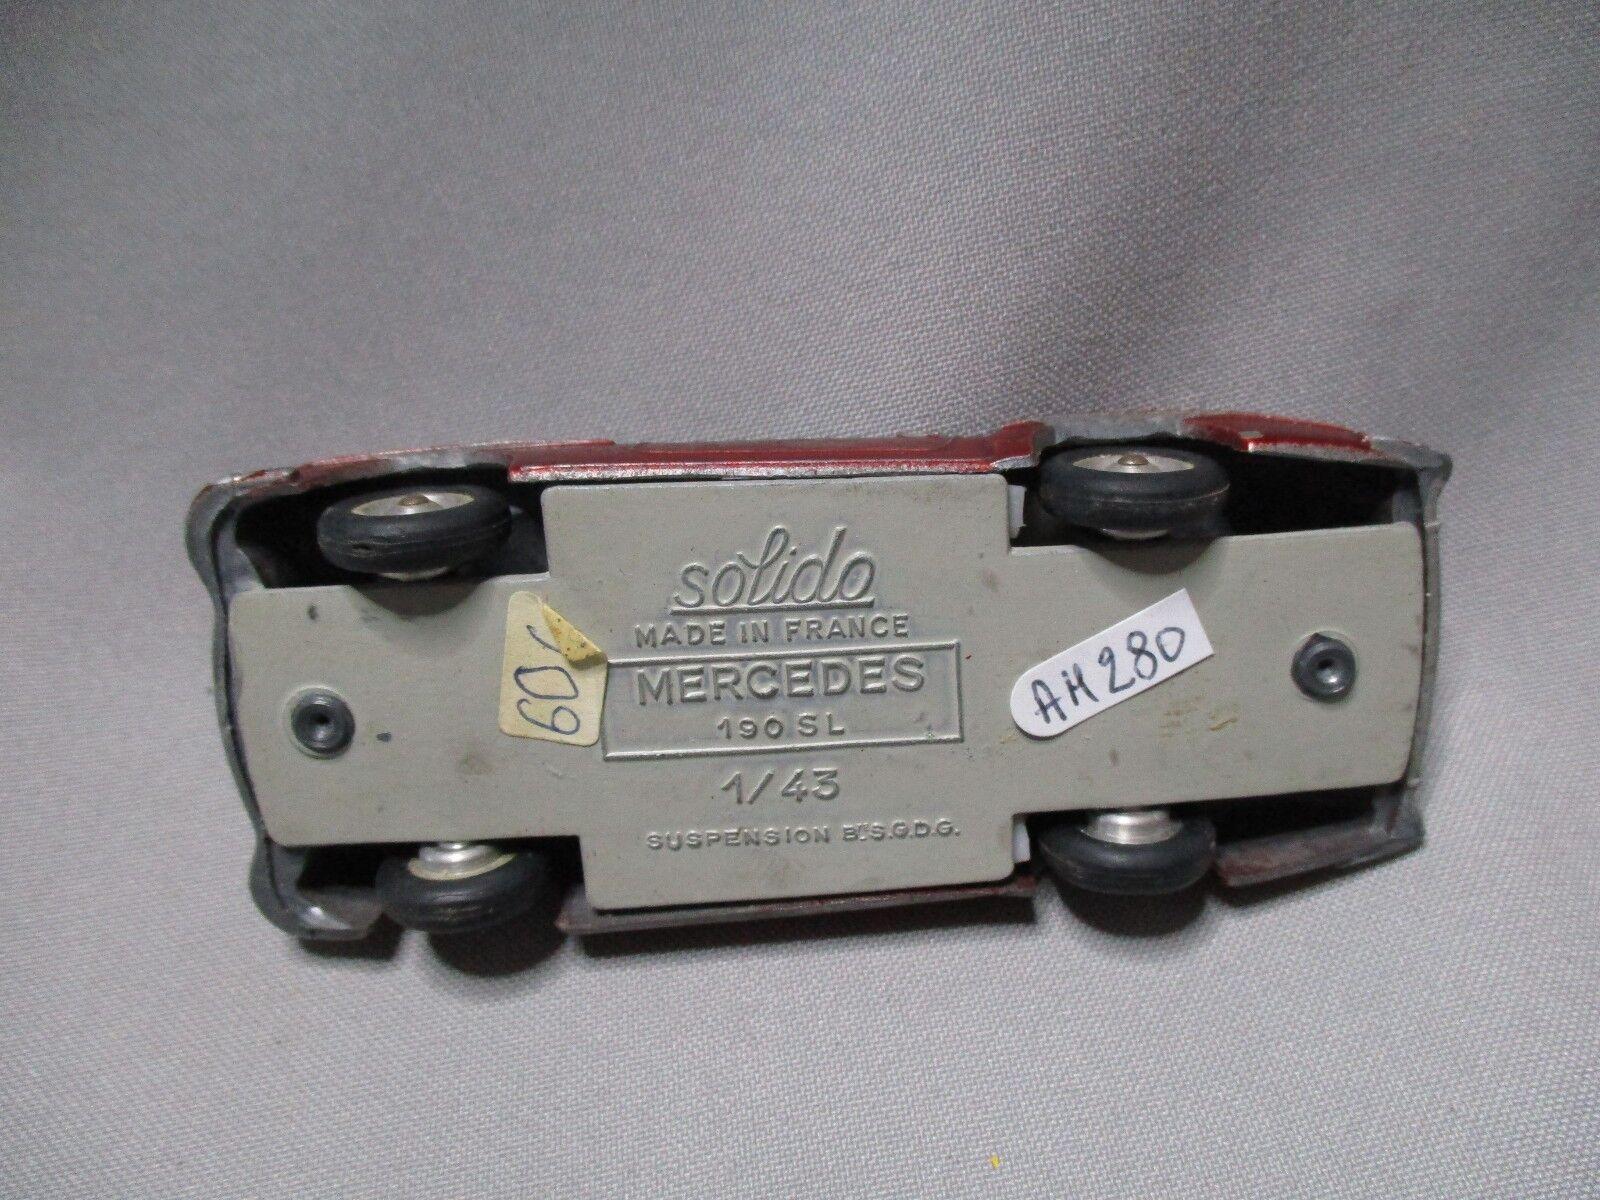 AH280 SOLIDO 1 43 MERCEDES MERCEDES MERCEDES 190 SL ref 105 1c1e63